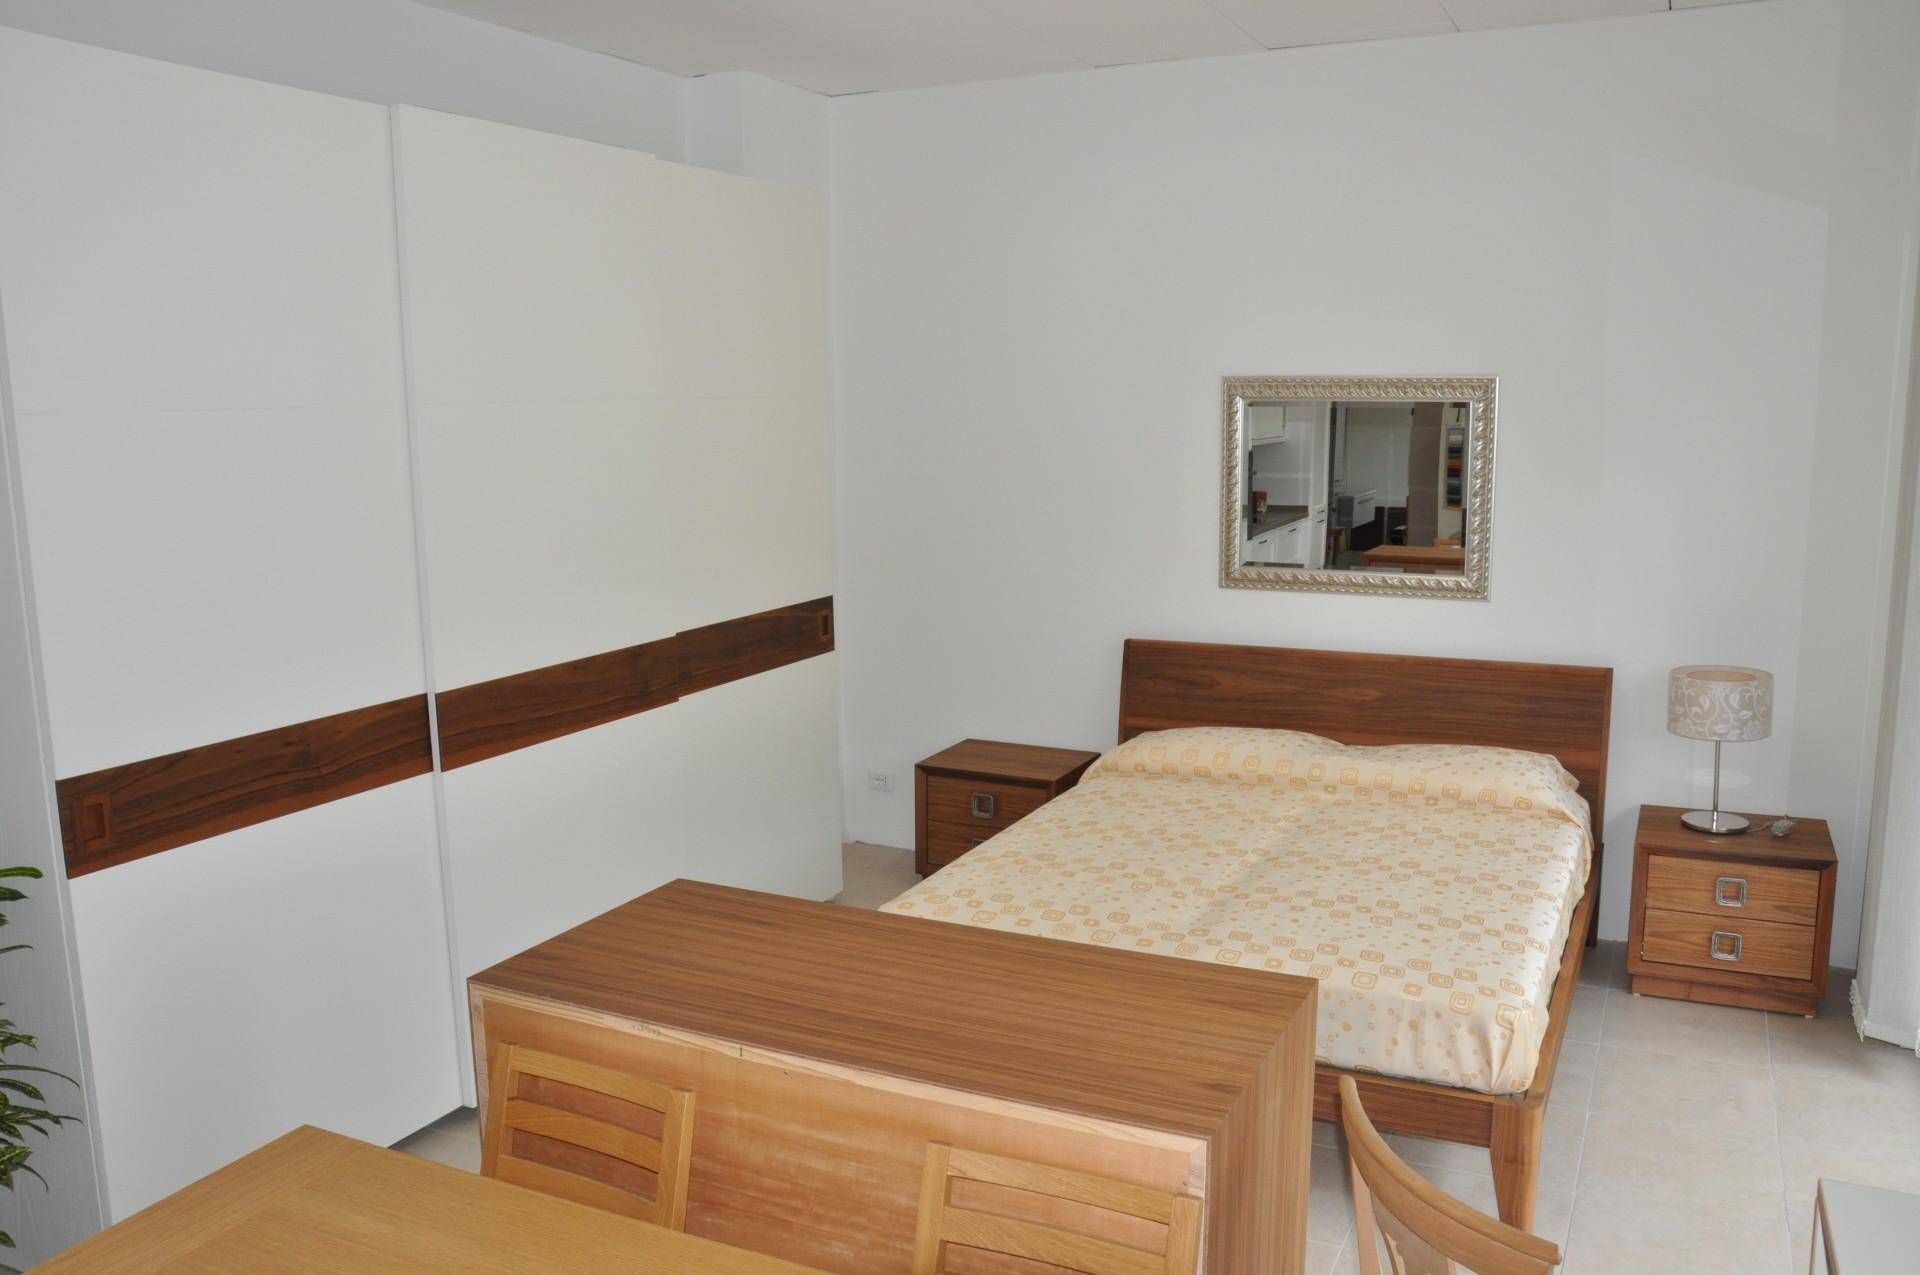 Mobili camera da letto su misura design casa creativa e for Camera letto mobili